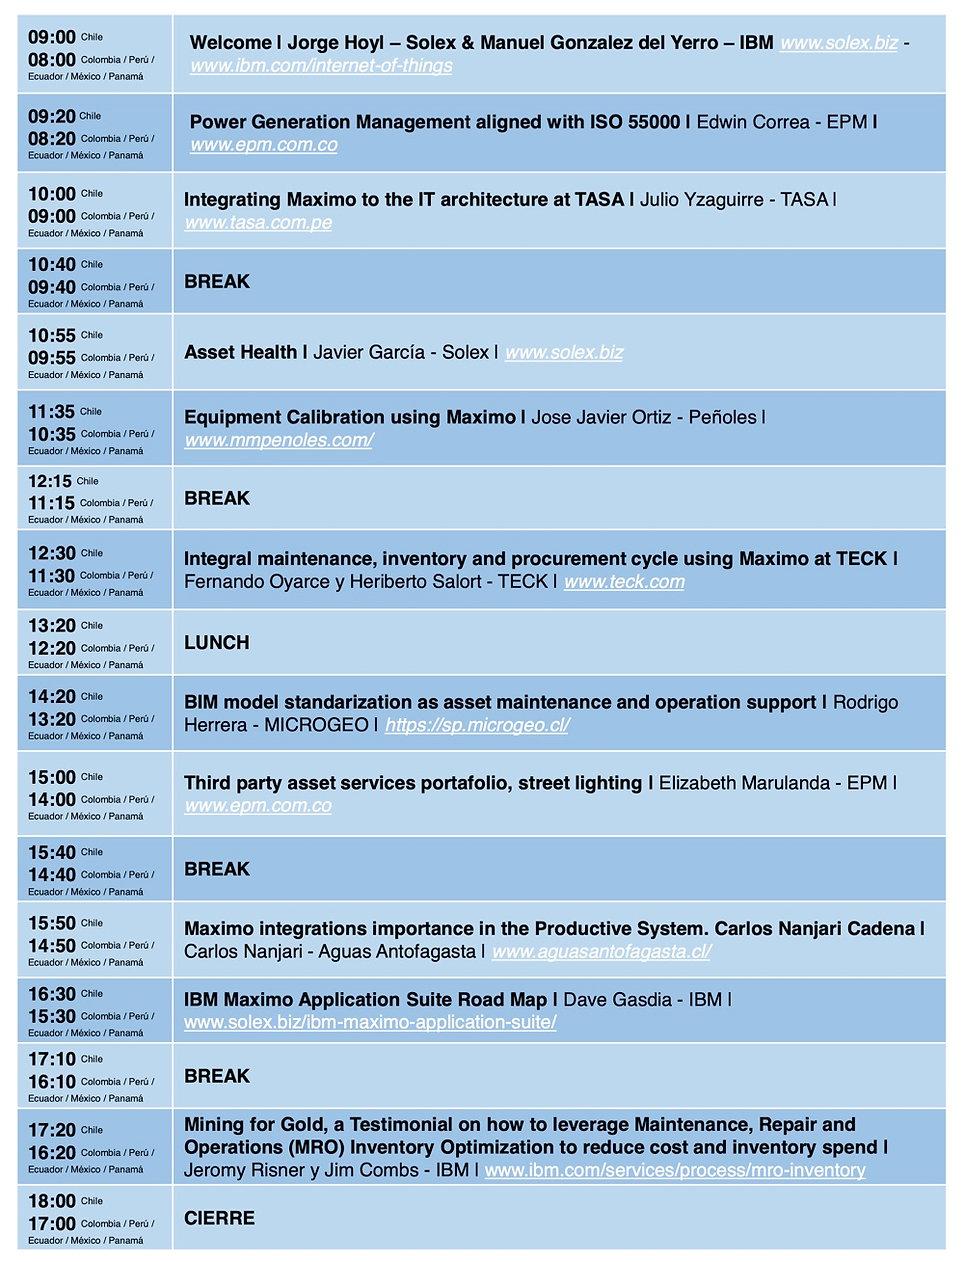 Agenda ING.jpg